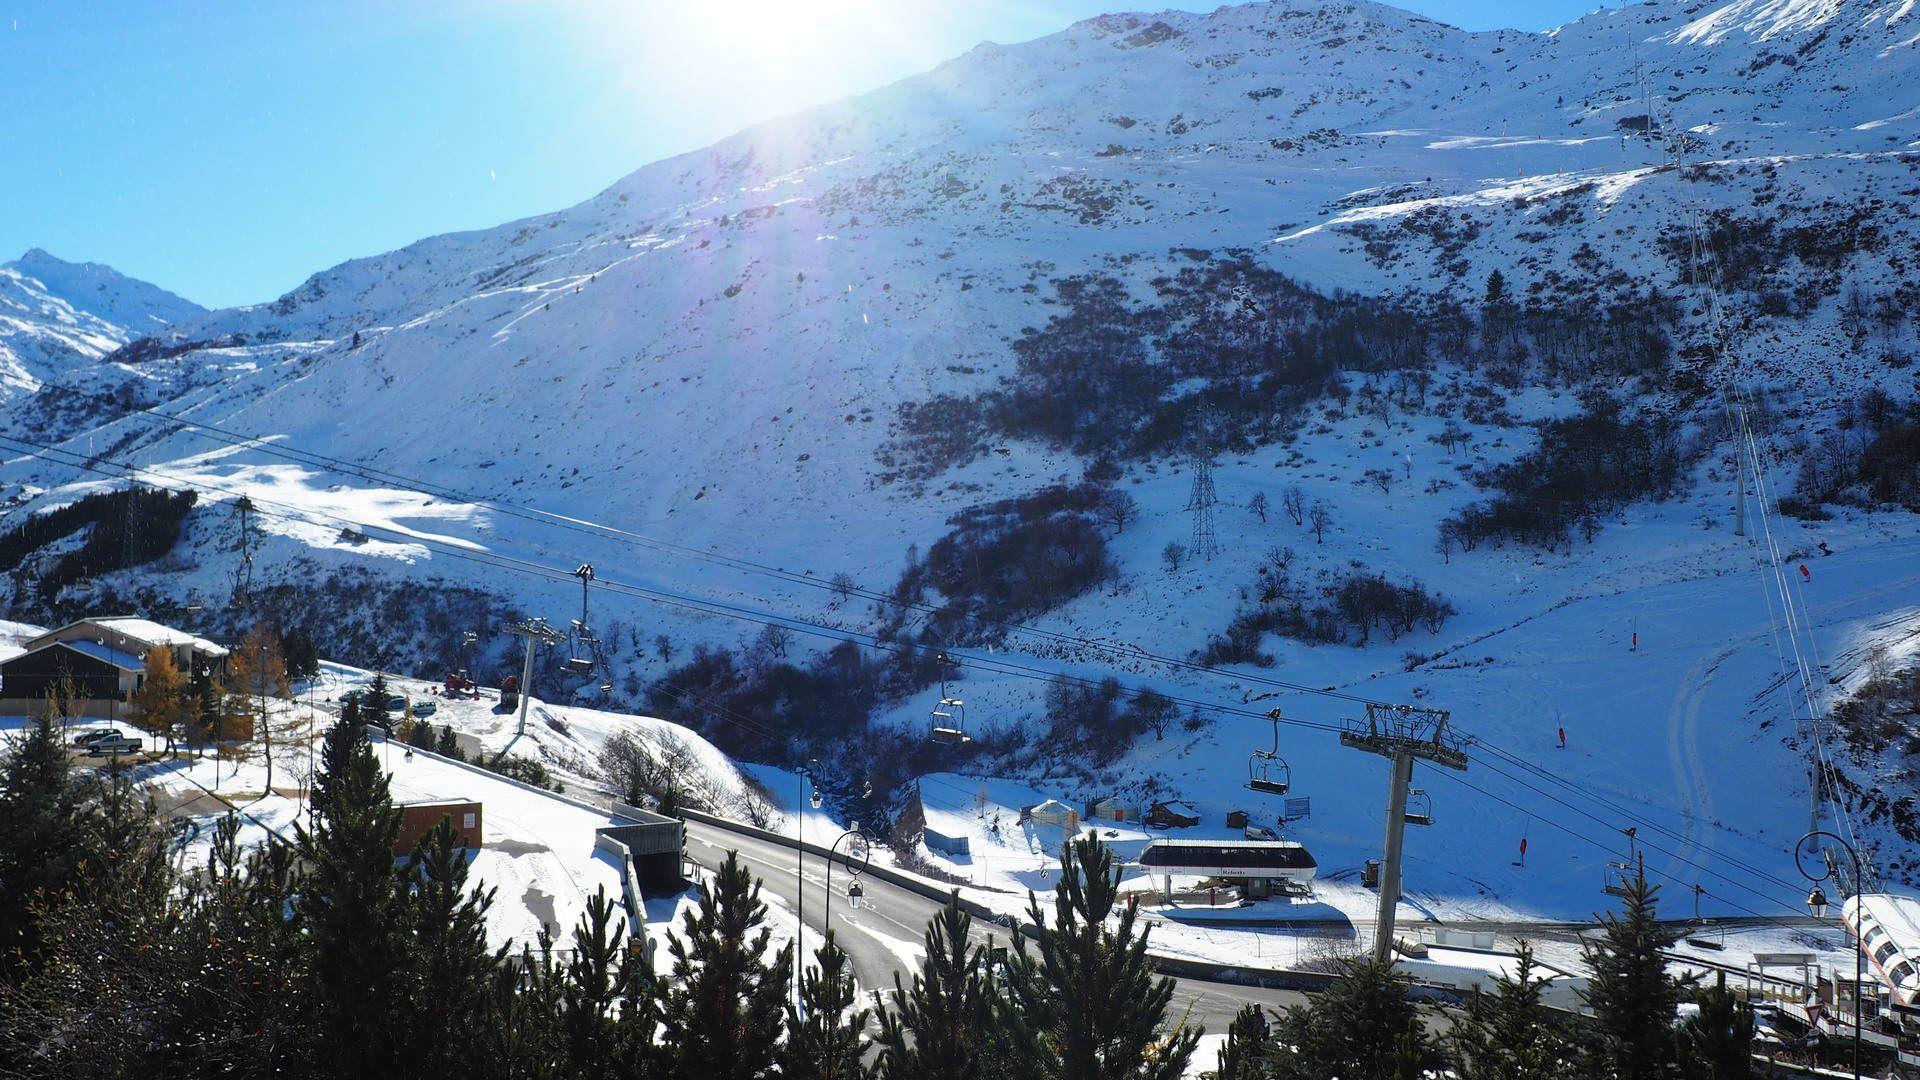 2 rOOM, 150m from the slopes / ARGOUSIER 26